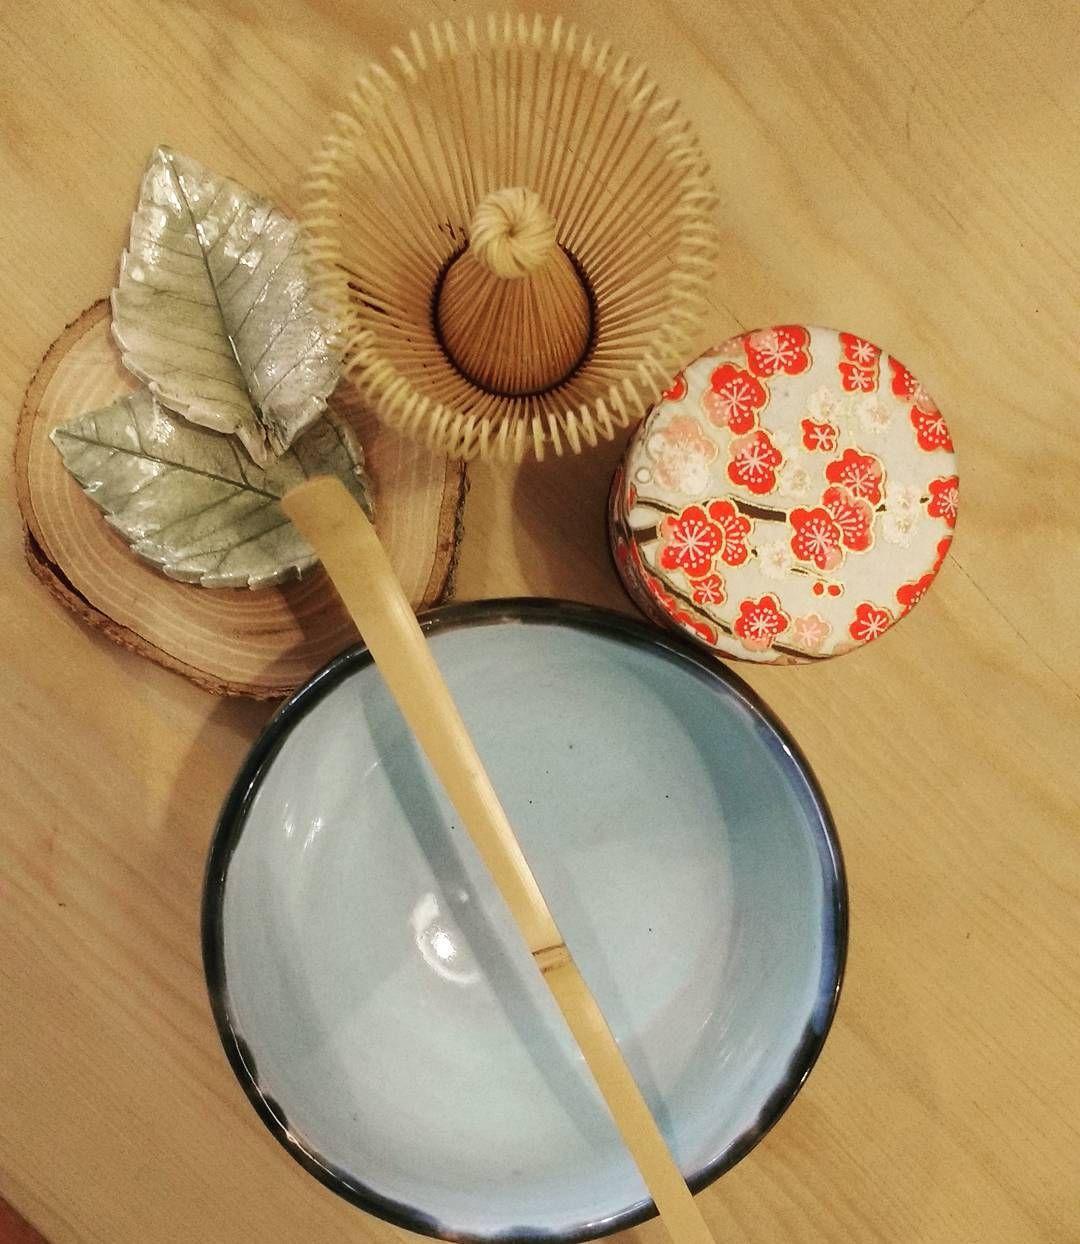 Este sábado recibimos a un nuevo grupo de #tealovers para vivir la #ceremonia #japonesa del #té siempre sorprendente...! #peacefulmoments #Japón #matcha #greentea #love and #tea Feliz jueves a tod@s..! by tevallegourmet